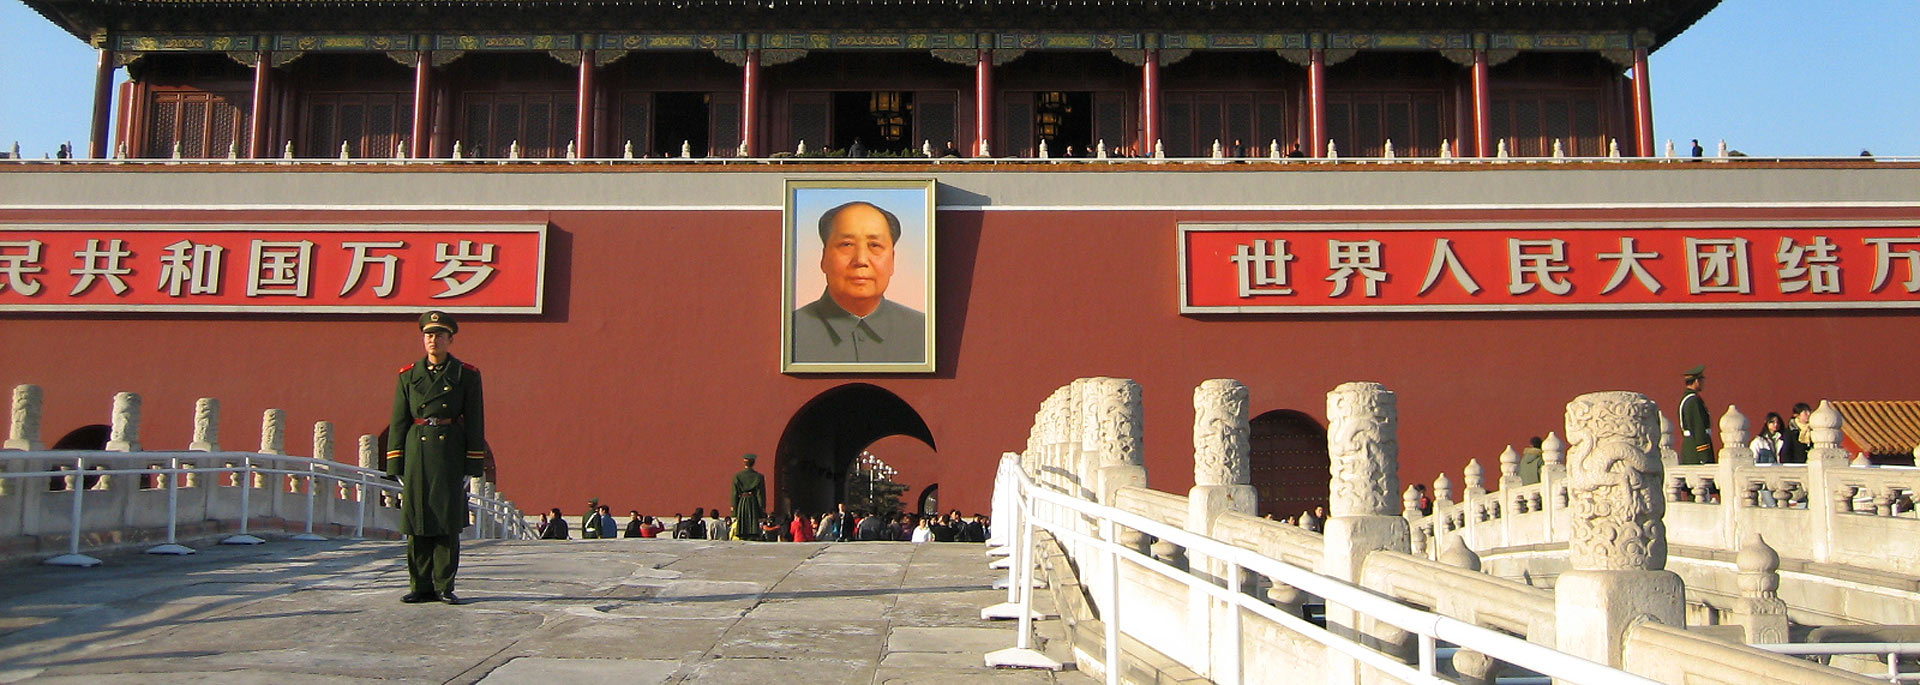 Fotos: Peking, Xian, Shanghai